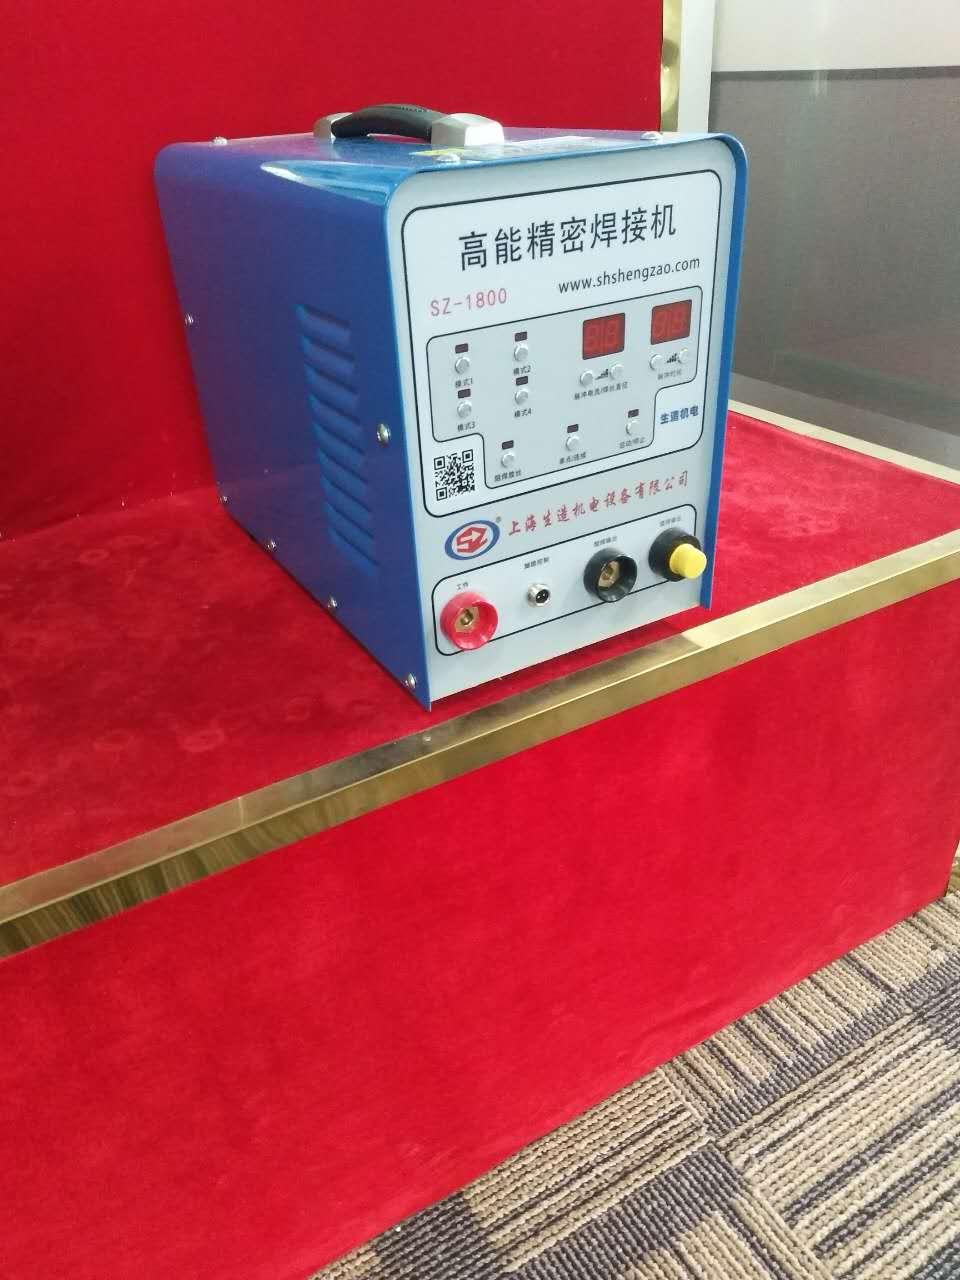 佛山冷焊机,厂家直销售后有保障